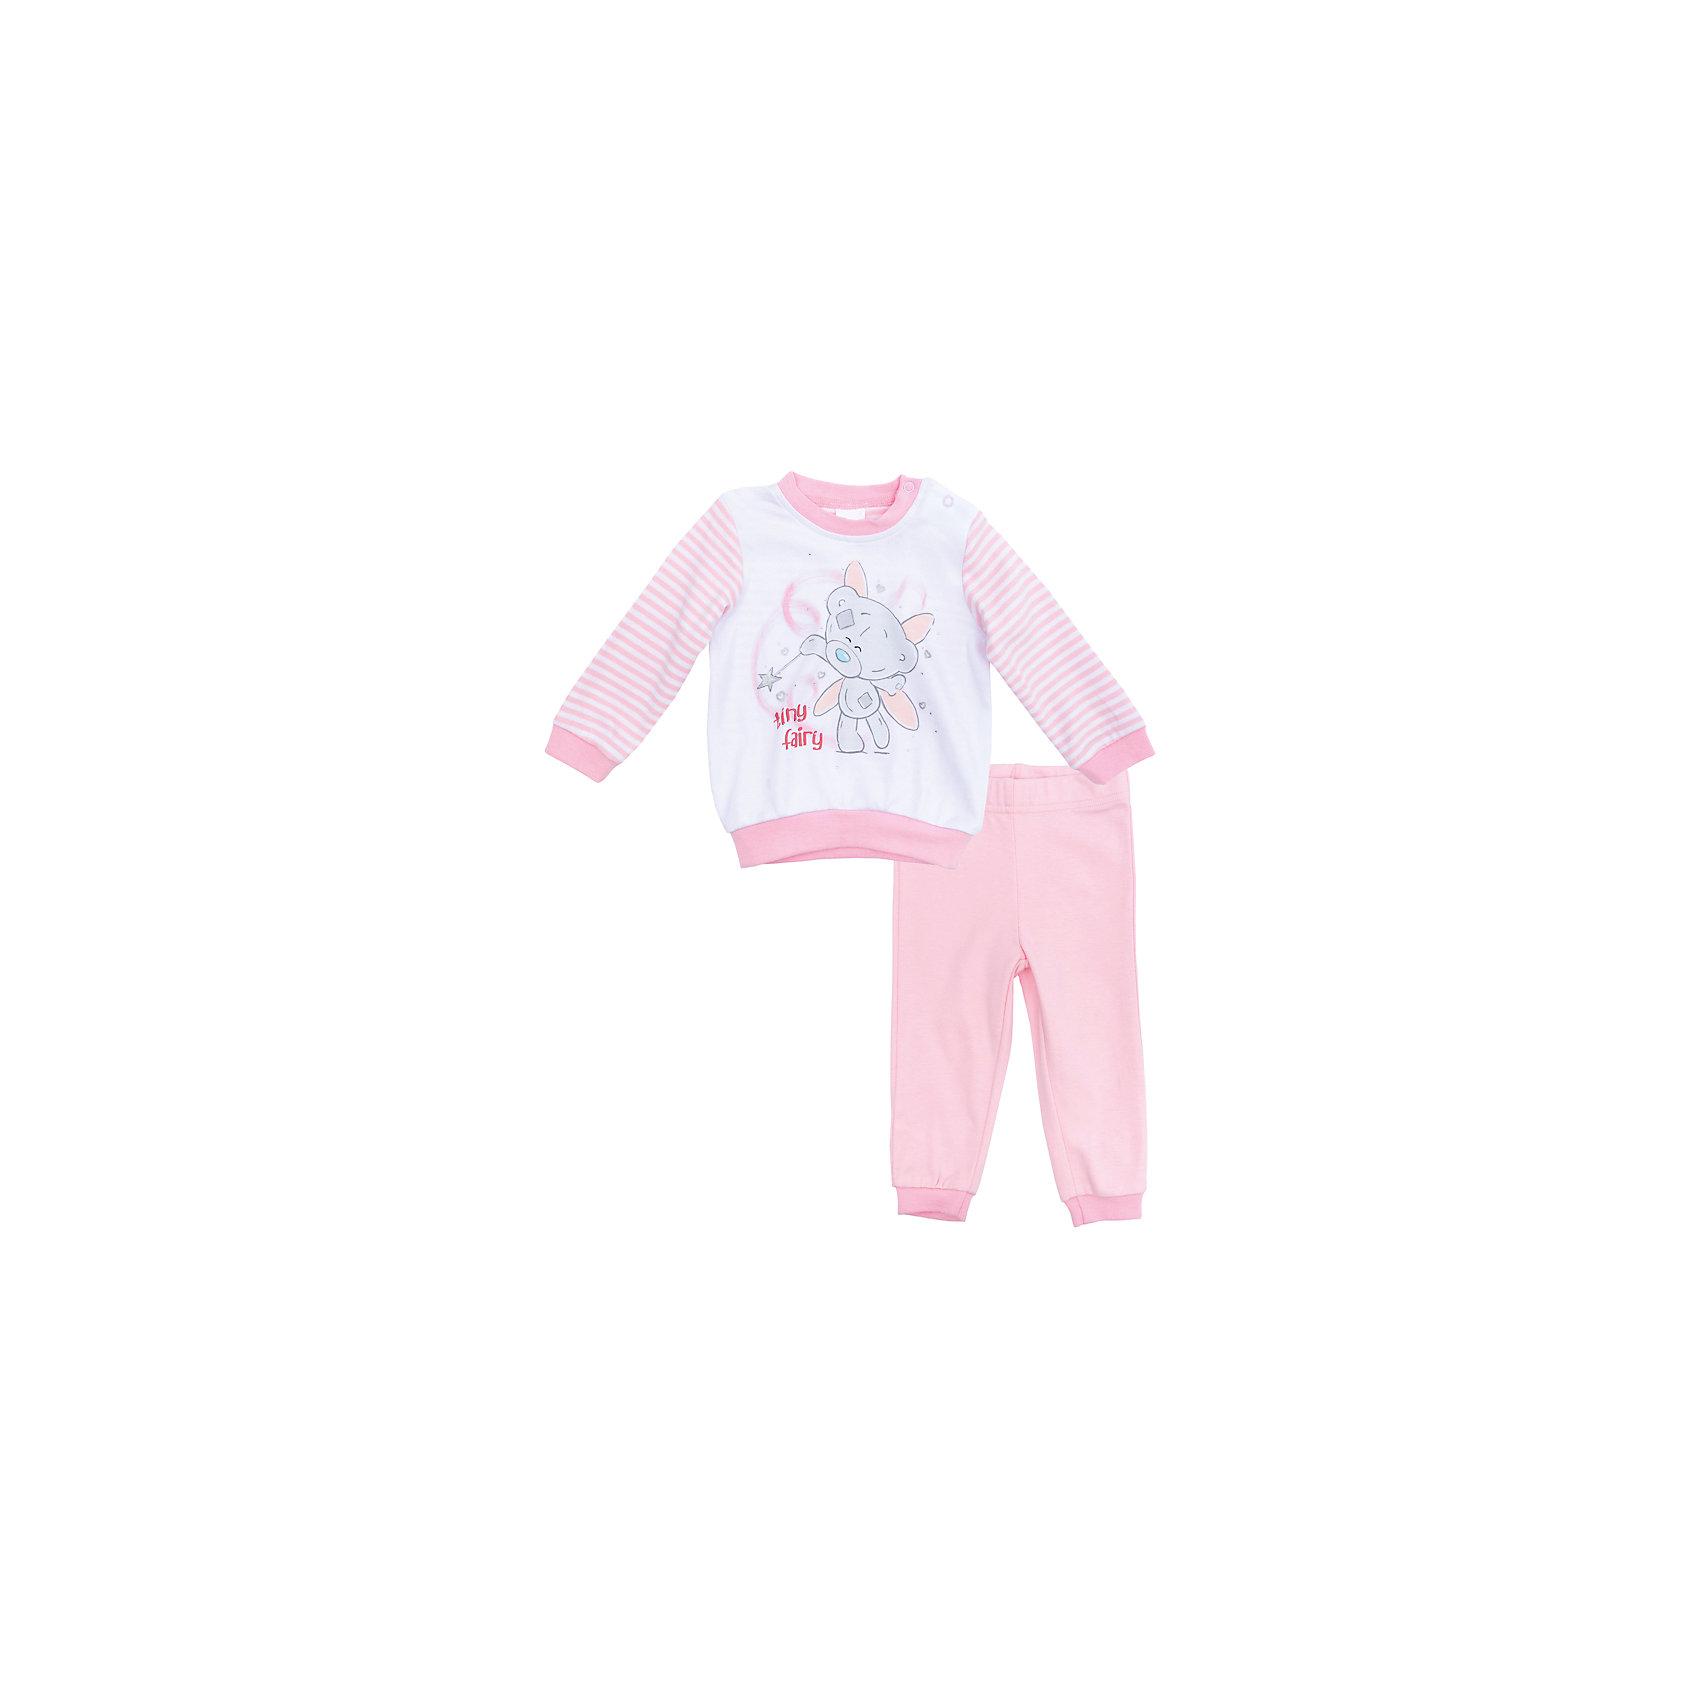 Пижама для девочки PlayTodayПижамы и сорочки<br>Пижама для девочки PlayToday<br>Комплект из кофточки и брюк выполнен из натурального материала, приятен к телу и не вызывает раздражений нежной детской кожи. Кофточка декорирована стильным принтом. Брюки на мягкой резинке. Метод производства кофточки - yarn dyed - в процессе изготовления в полотне используются разного цвета нити. Тем самым изделие, при рекомендуемом уходе, не линяет и надолго остается в прежнем виде, это определенный знак качества. Низ брюк на мягких резинках.<br>Состав:<br>100% хлопок<br><br>Ширина мм: 157<br>Глубина мм: 13<br>Высота мм: 119<br>Вес г: 200<br>Цвет: разноцветный<br>Возраст от месяцев: 3<br>Возраст до месяцев: 6<br>Пол: Женский<br>Возраст: Детский<br>Размер: 68,74,56,62<br>SKU: 5408591